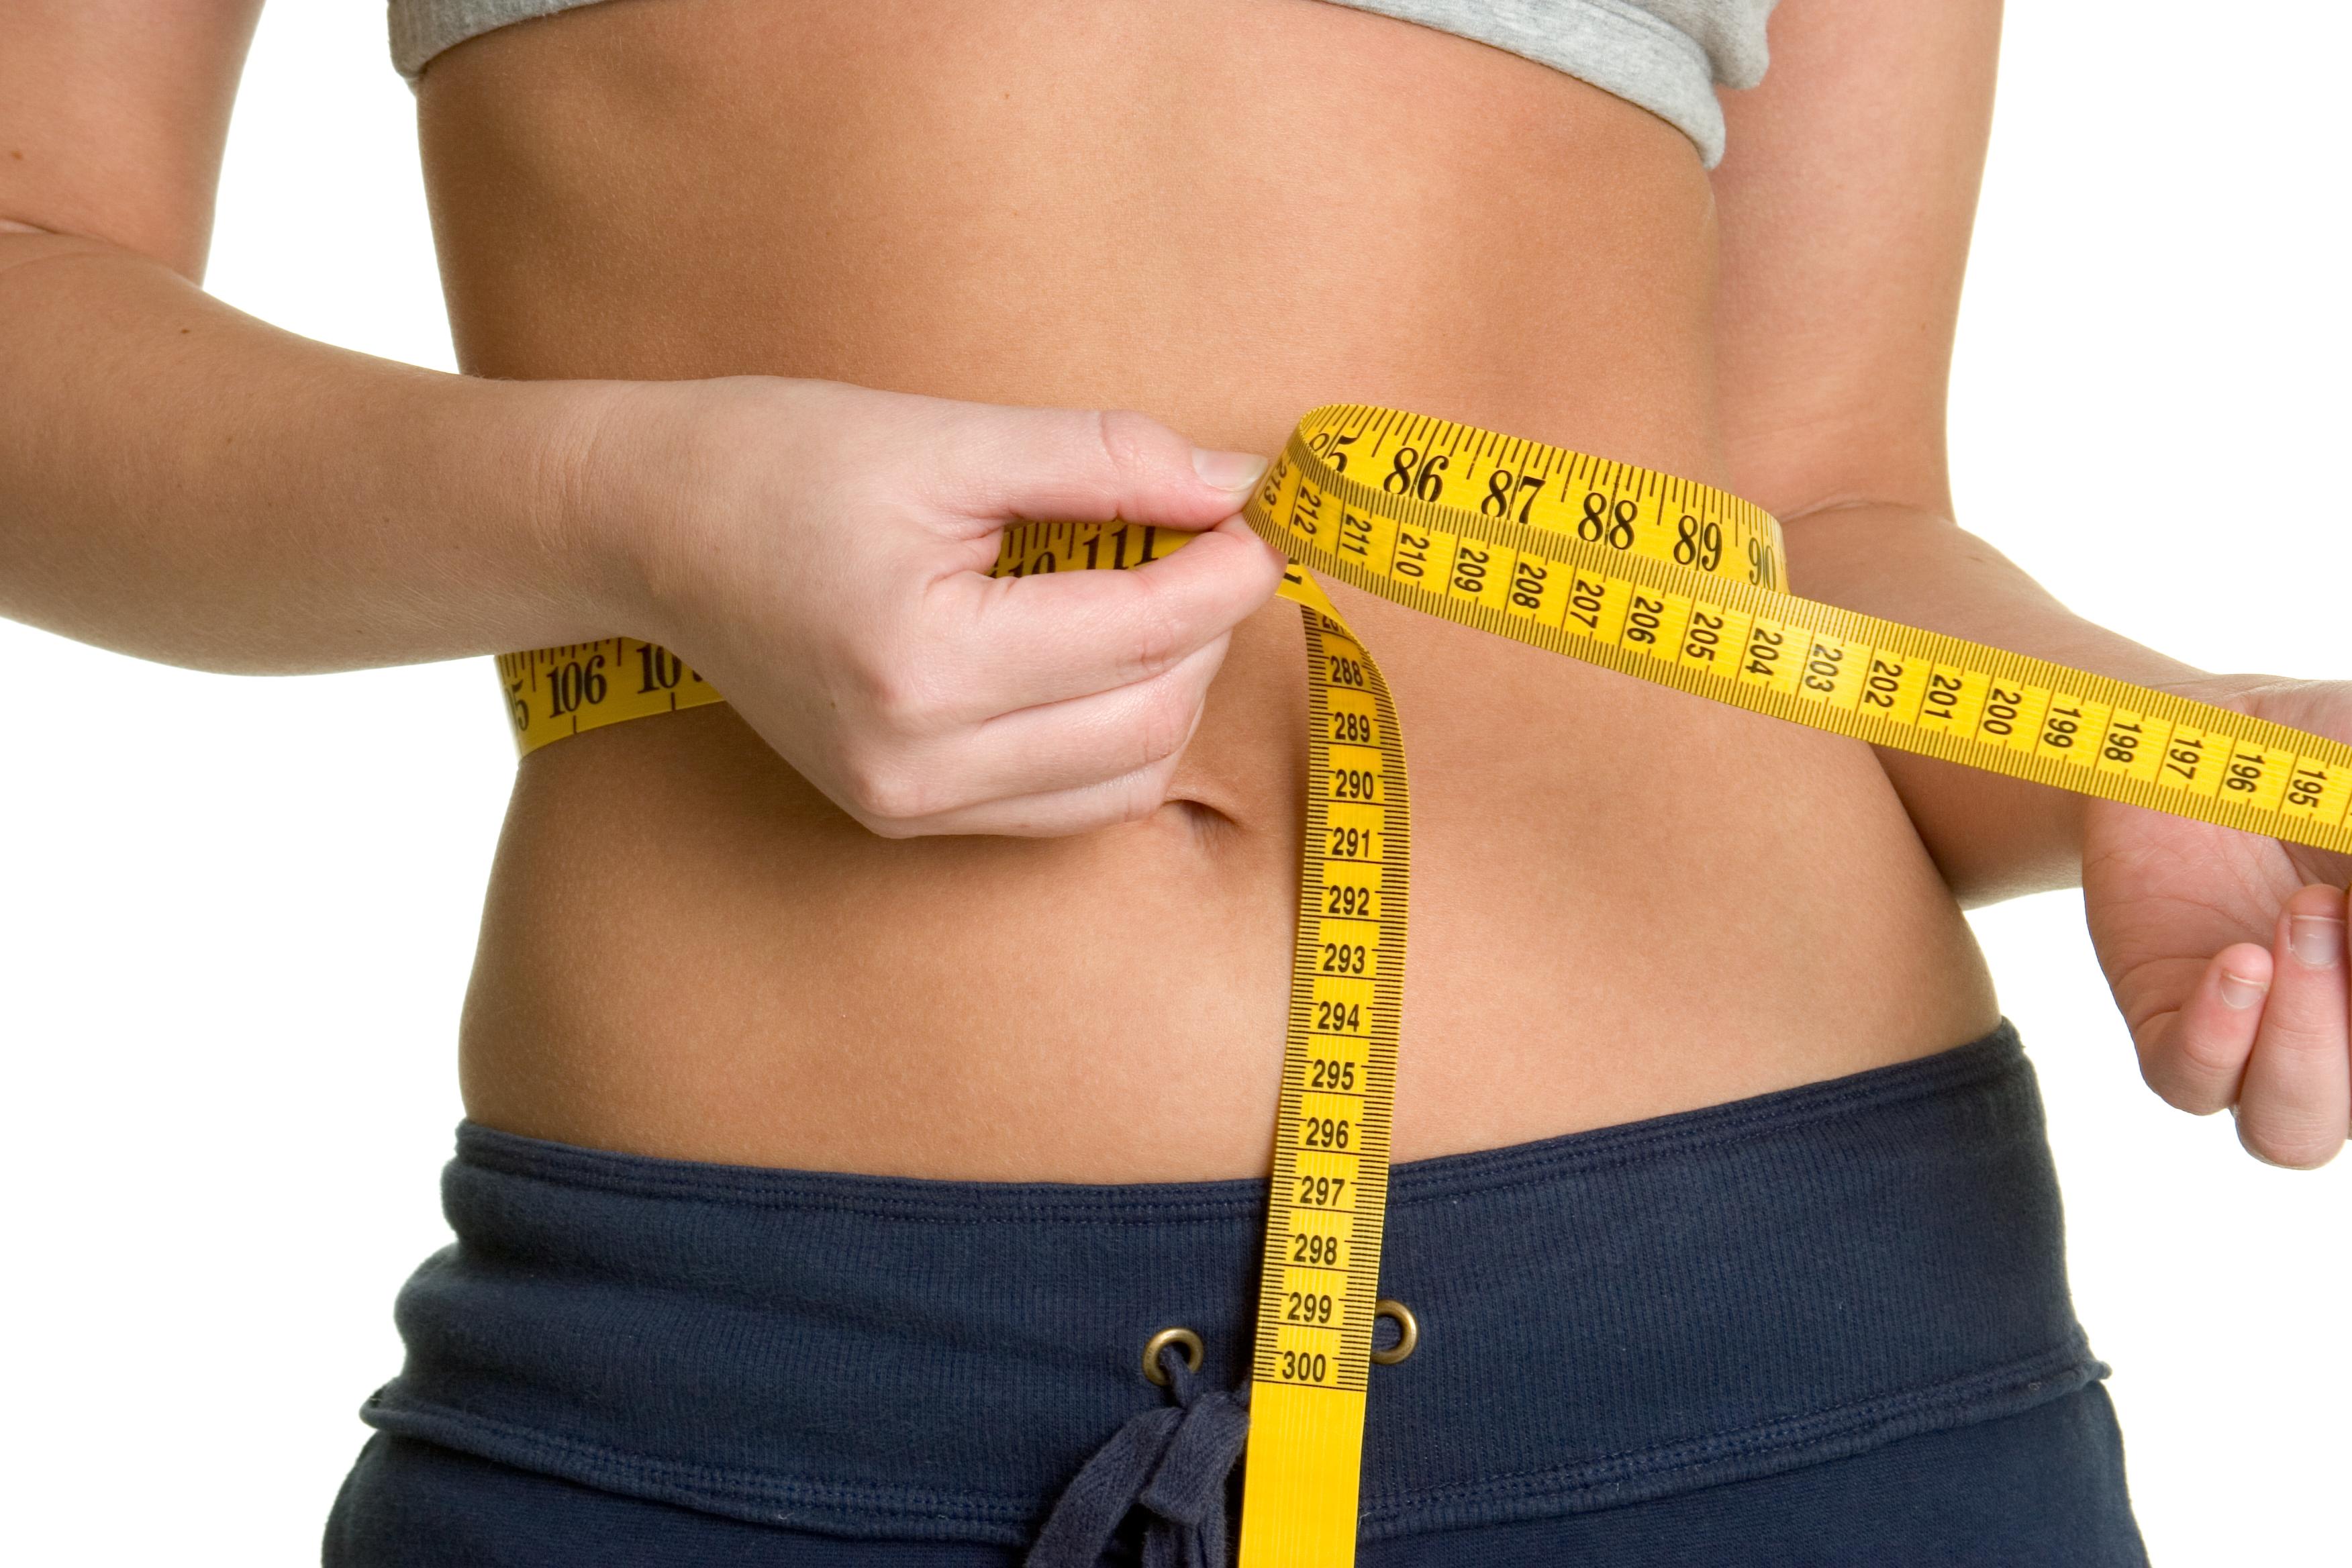 comment perdre du poids en toute sécurité en cas dobésité perdre du poids et être payé